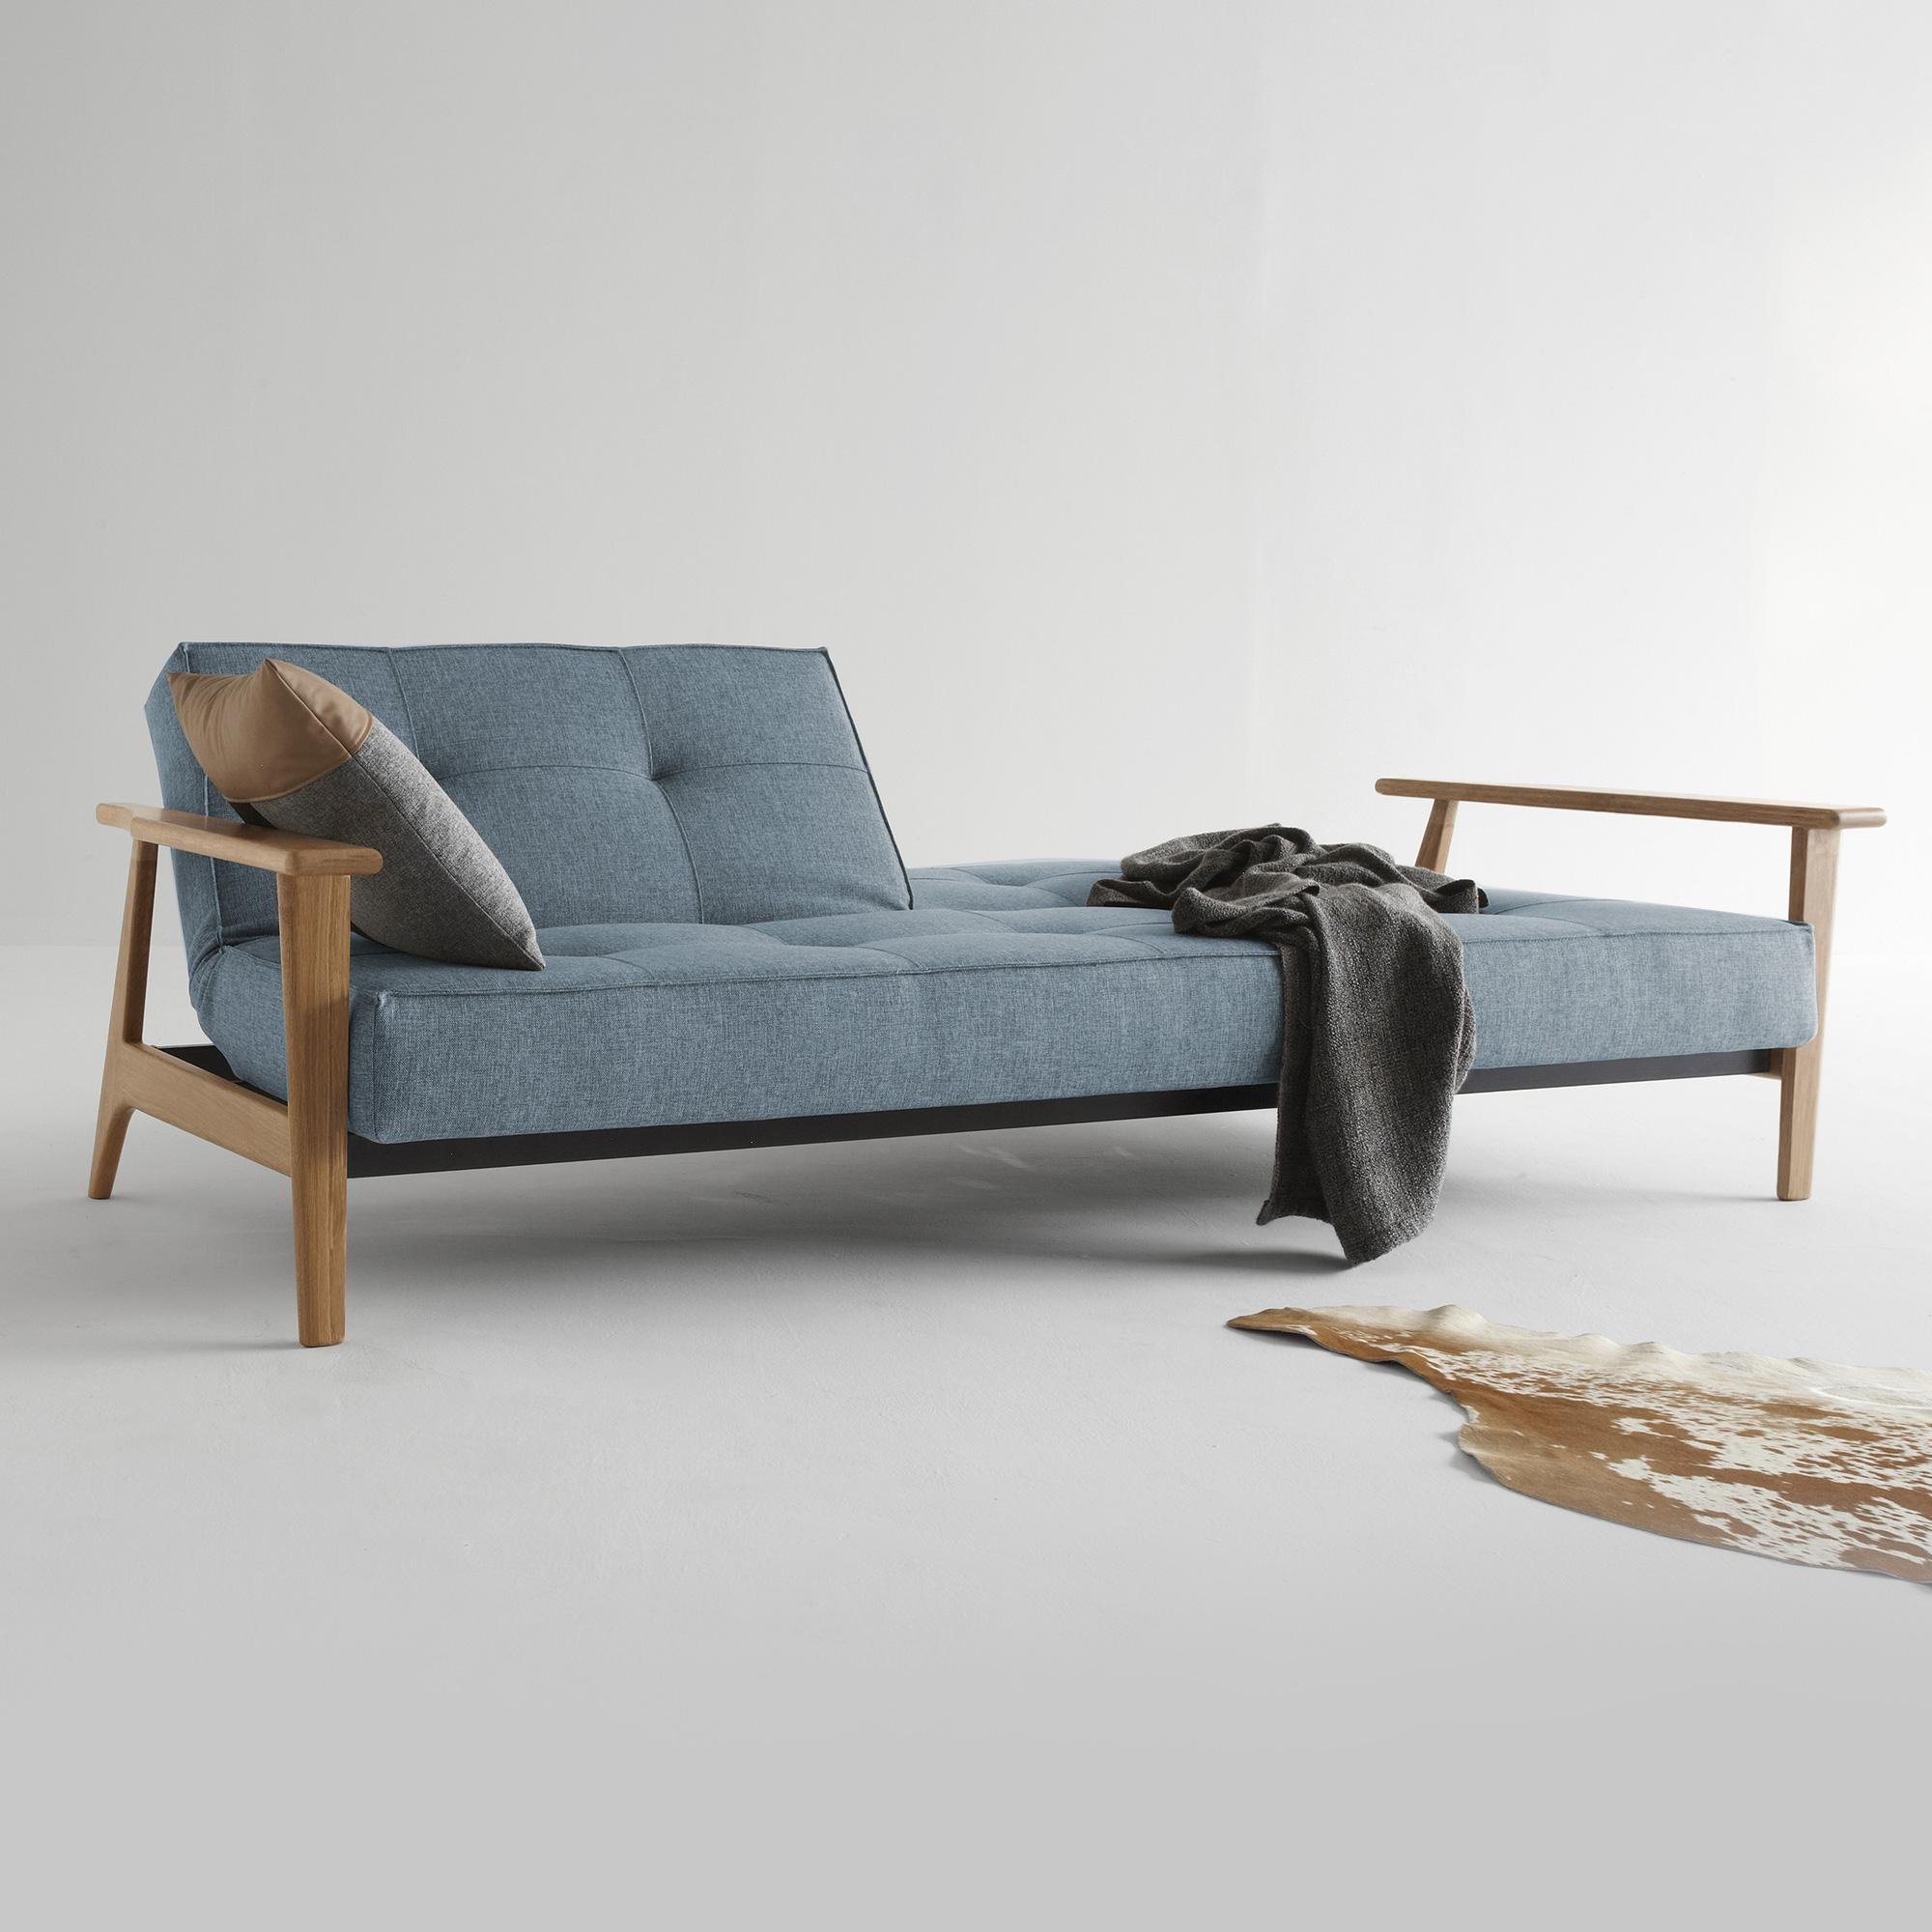 innovation splitback frej schlafsofa 94 741010525 5 2. Black Bedroom Furniture Sets. Home Design Ideas